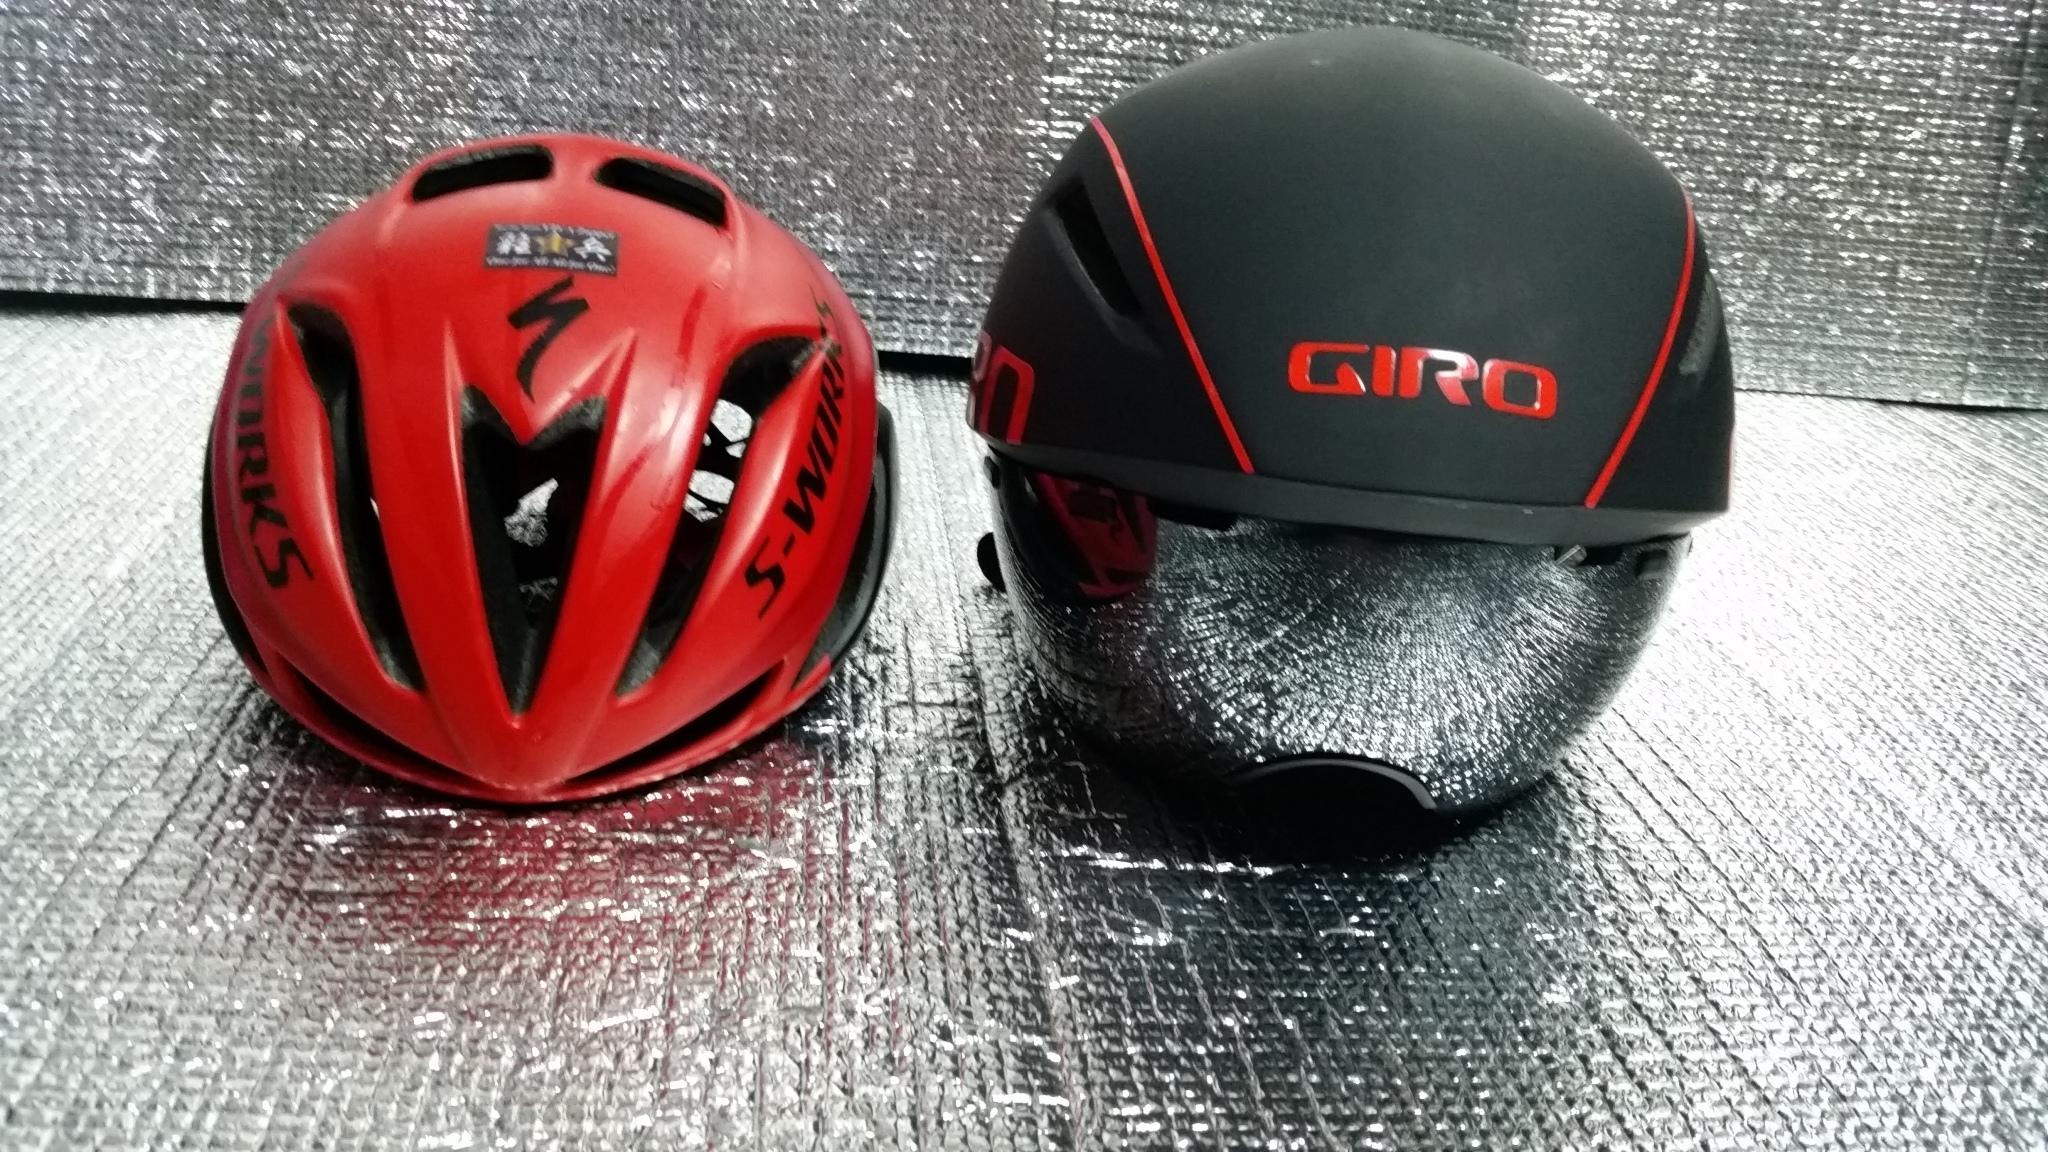 タイムトライアルヘルメット GIRO(ジロ)「エアロヘッド」購入じゃい!